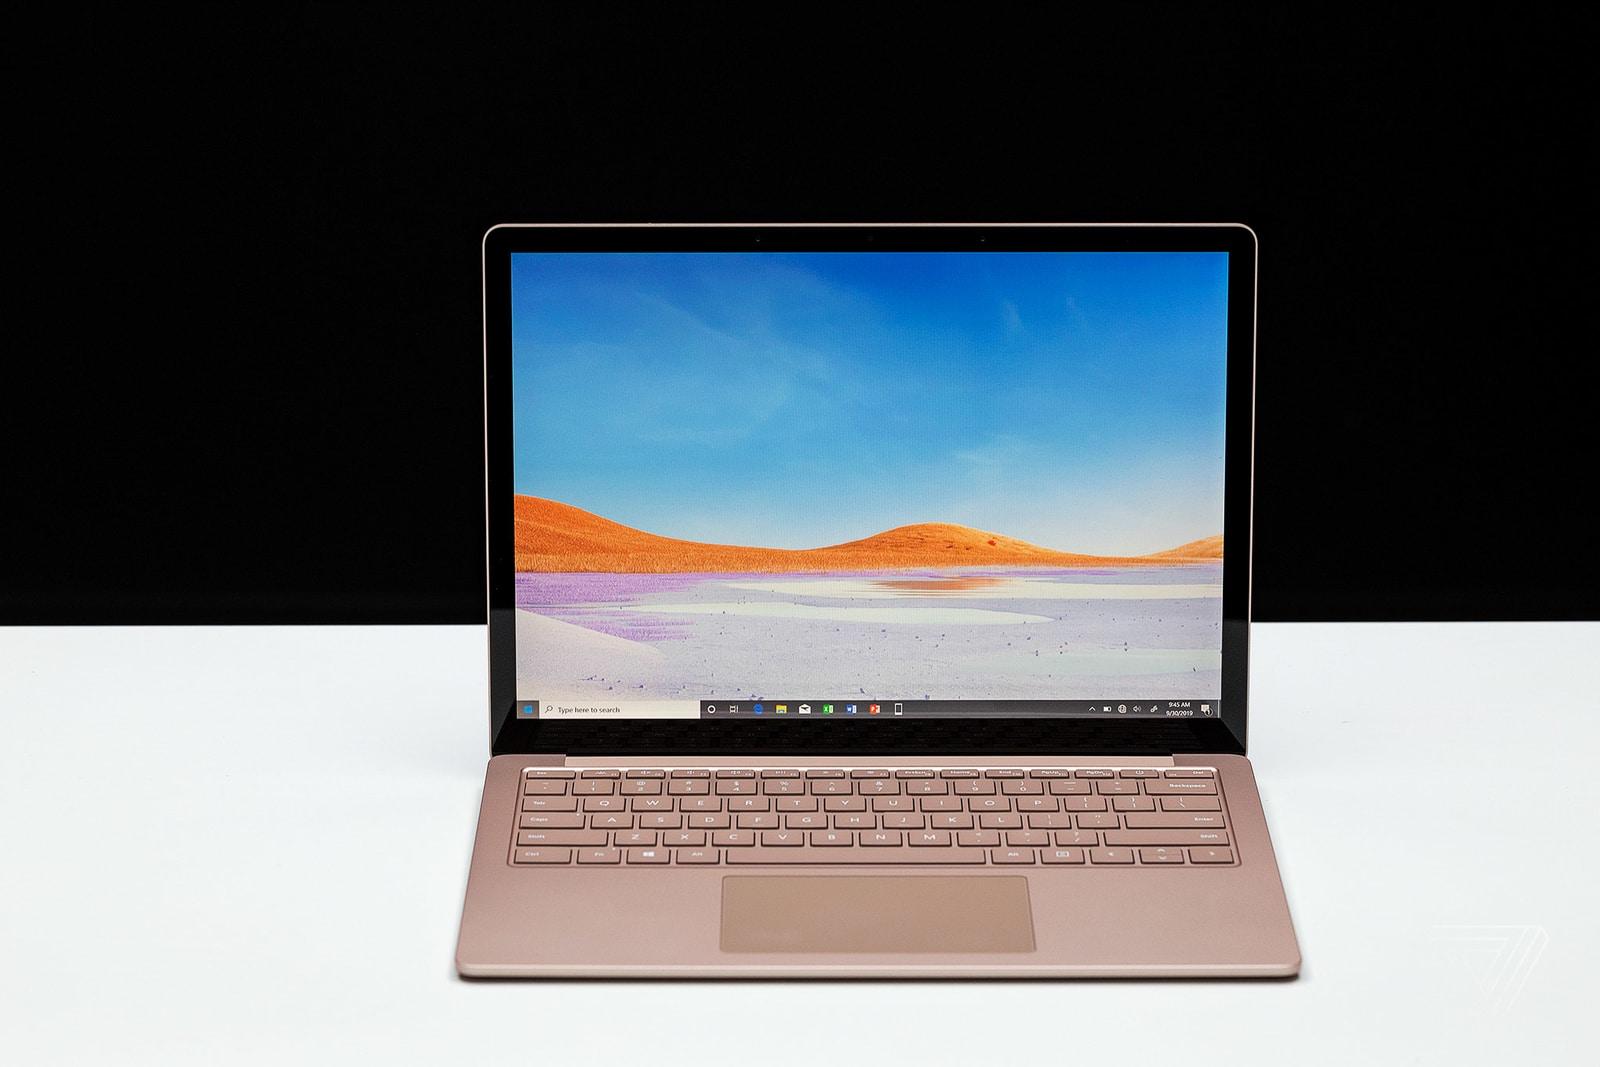 Đánh giá Surface Laptop 3 13,5-inch: chiếc laptop Windows truyền thống, nhưng xuất sắc